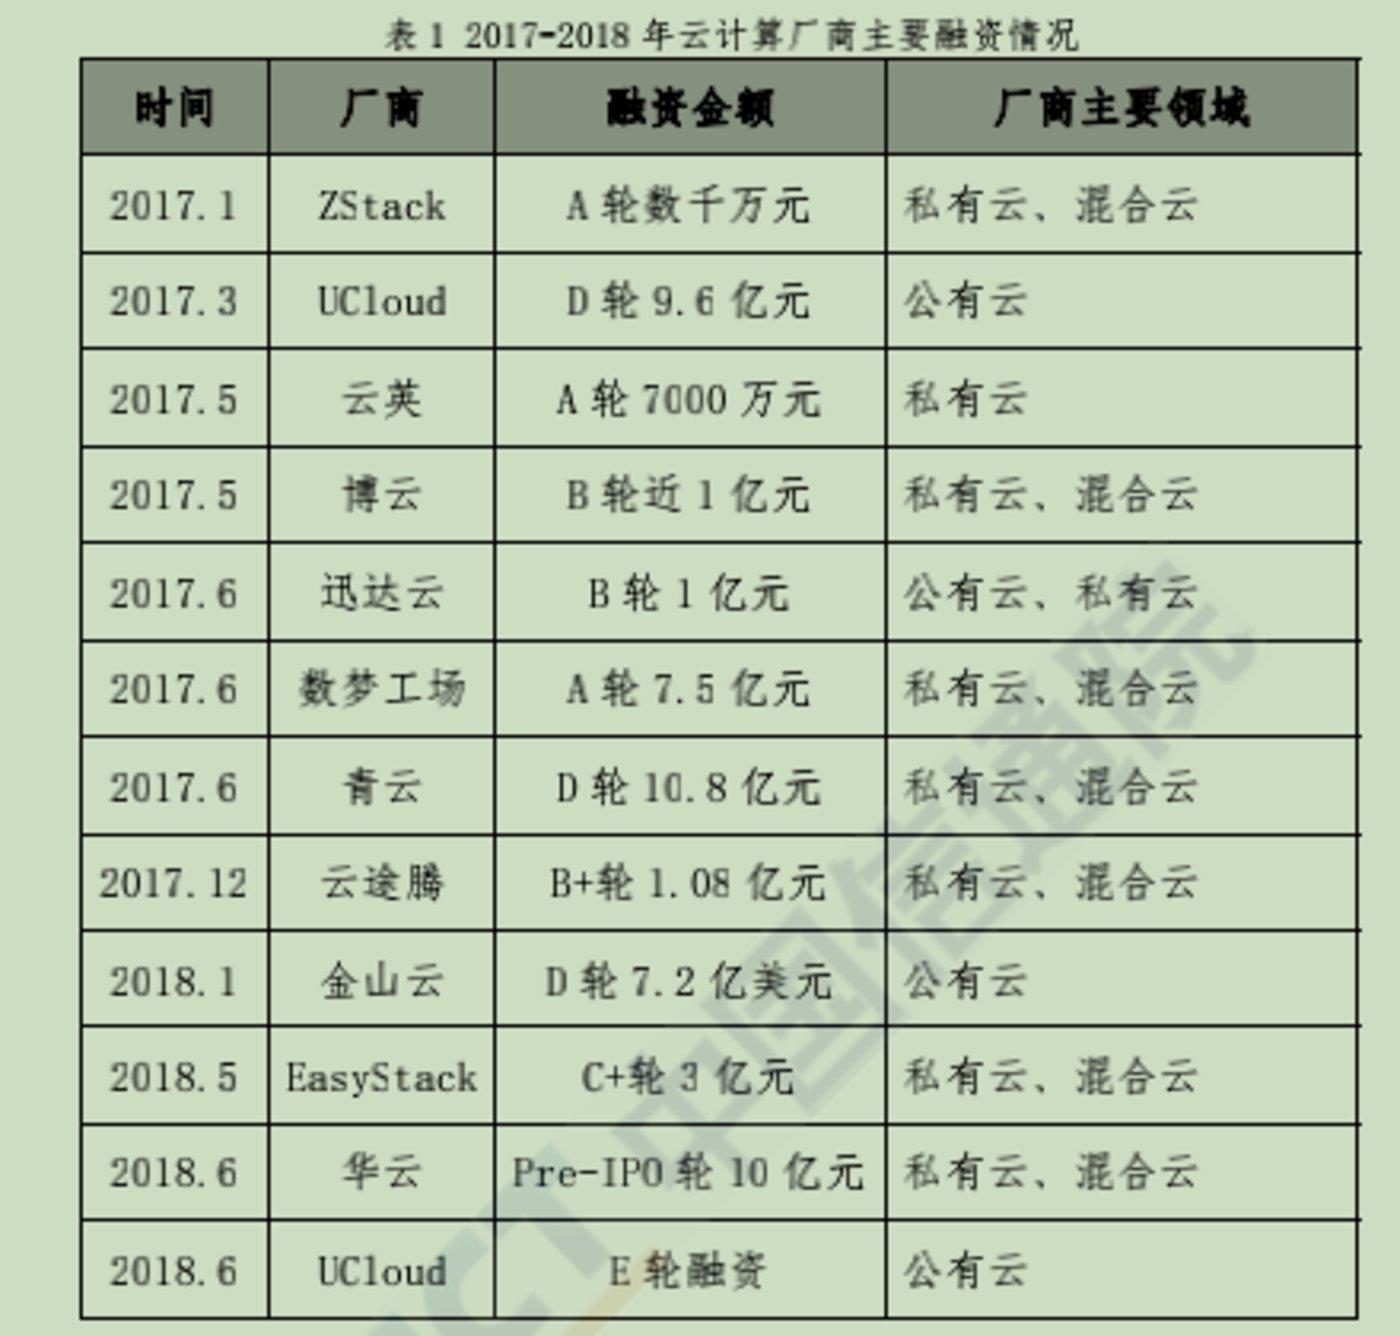 图片来源@中国信息通信研究院《云计算发展白皮书(2018)》